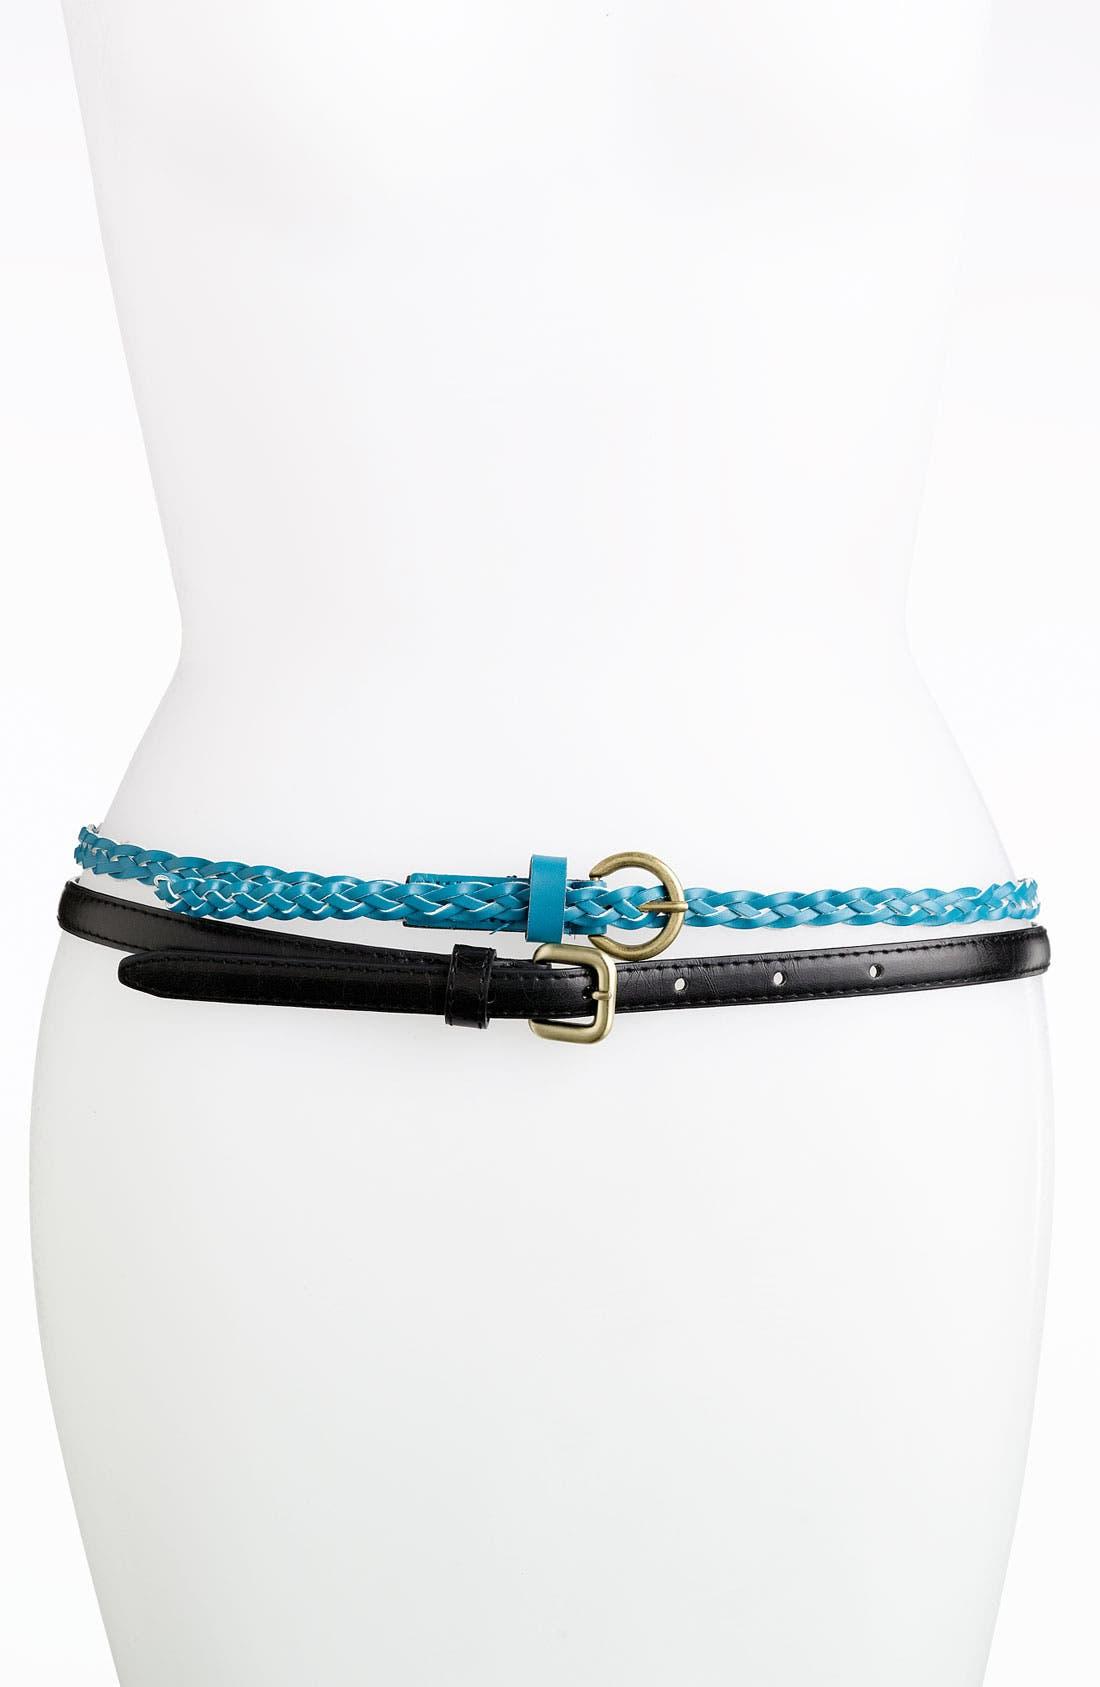 Alternate Image 1 Selected - Lulu Skinny Belts (2-Pack)